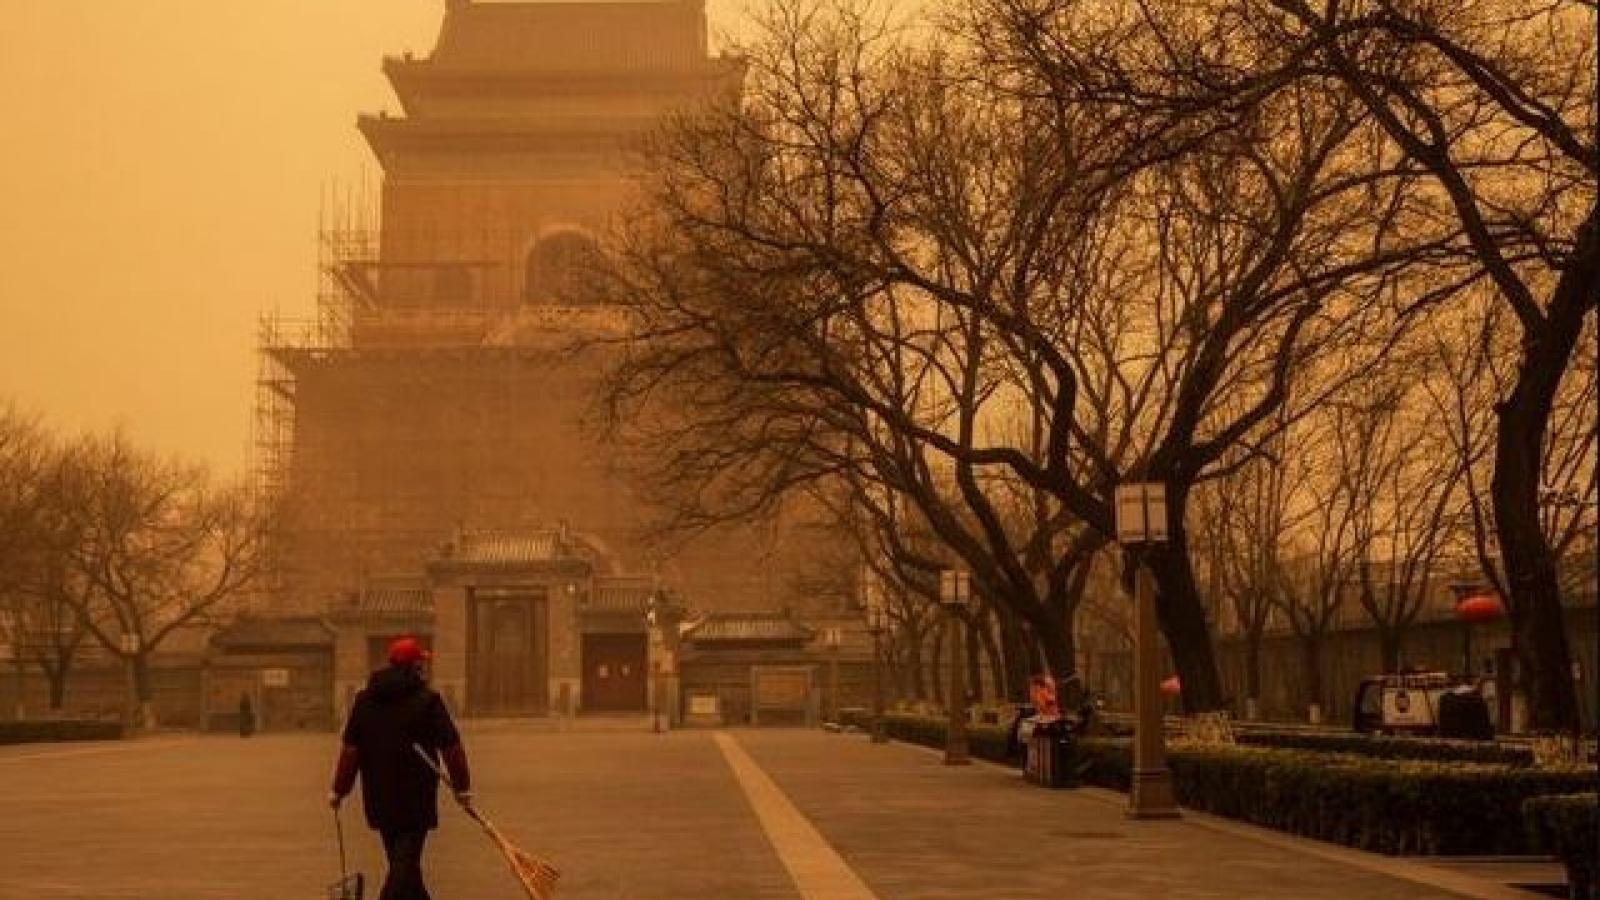 Thủ đô Bắc Kinh (Trung Quốc) hứng chịu trận bão cát lớn nhất trong 1 thập kỷ